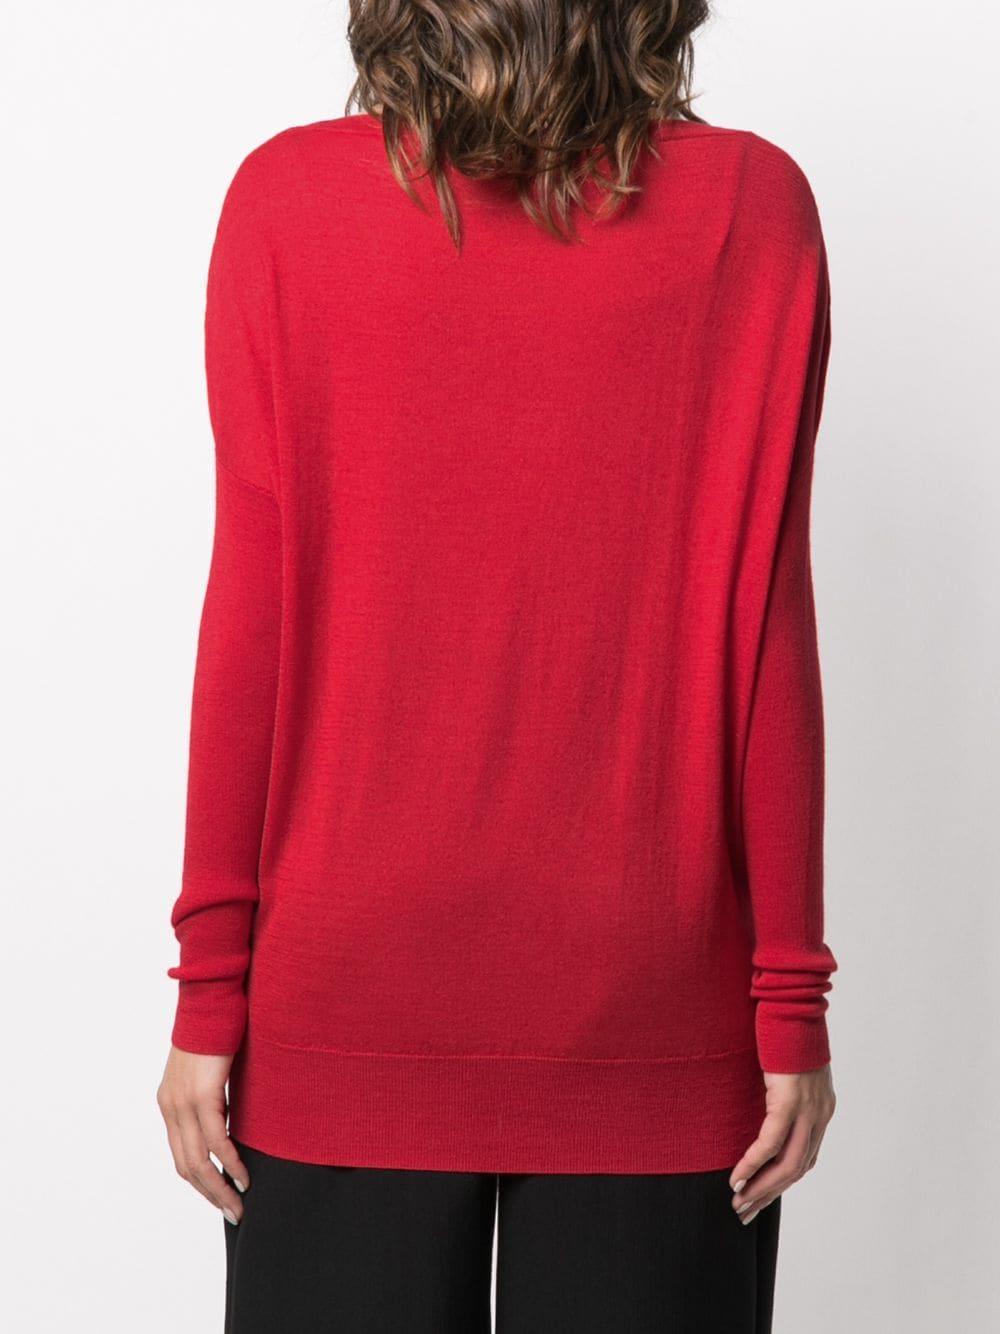 maglione rosso Grace in misto seta-cashmere SNOBBY SHEEP | Maglieria | 20X.GRACE330